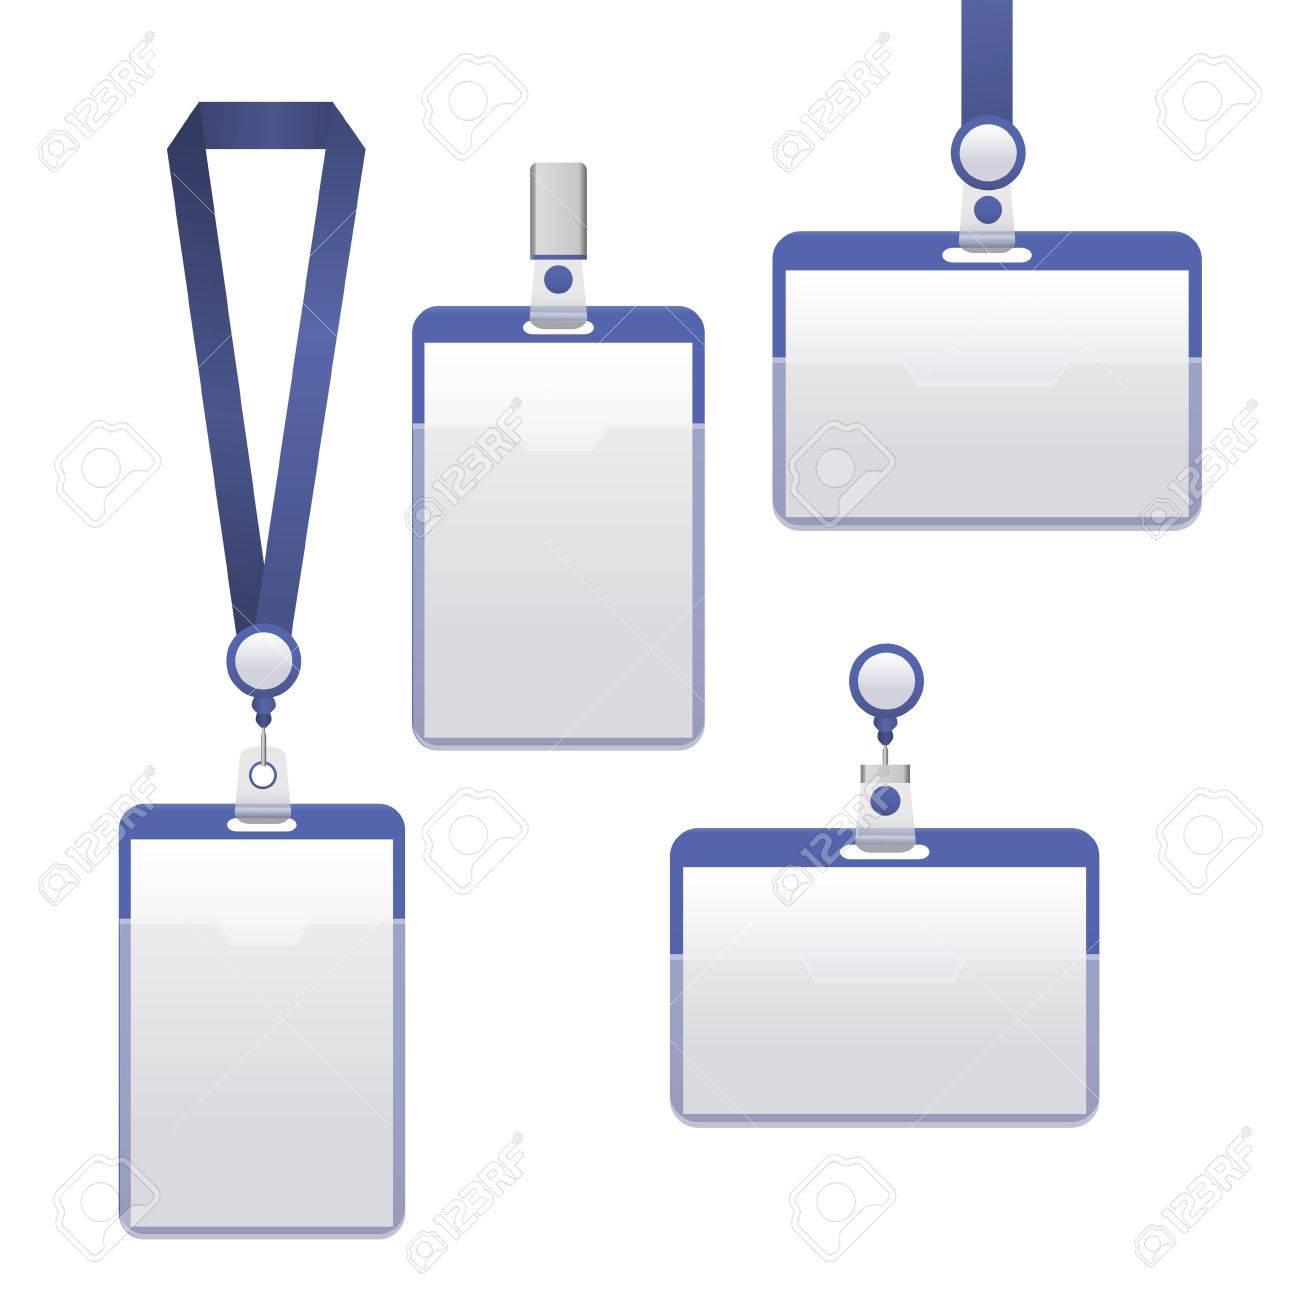 Plantilla De Credencial De Identificación De Equipo Puede Ser Usado ...